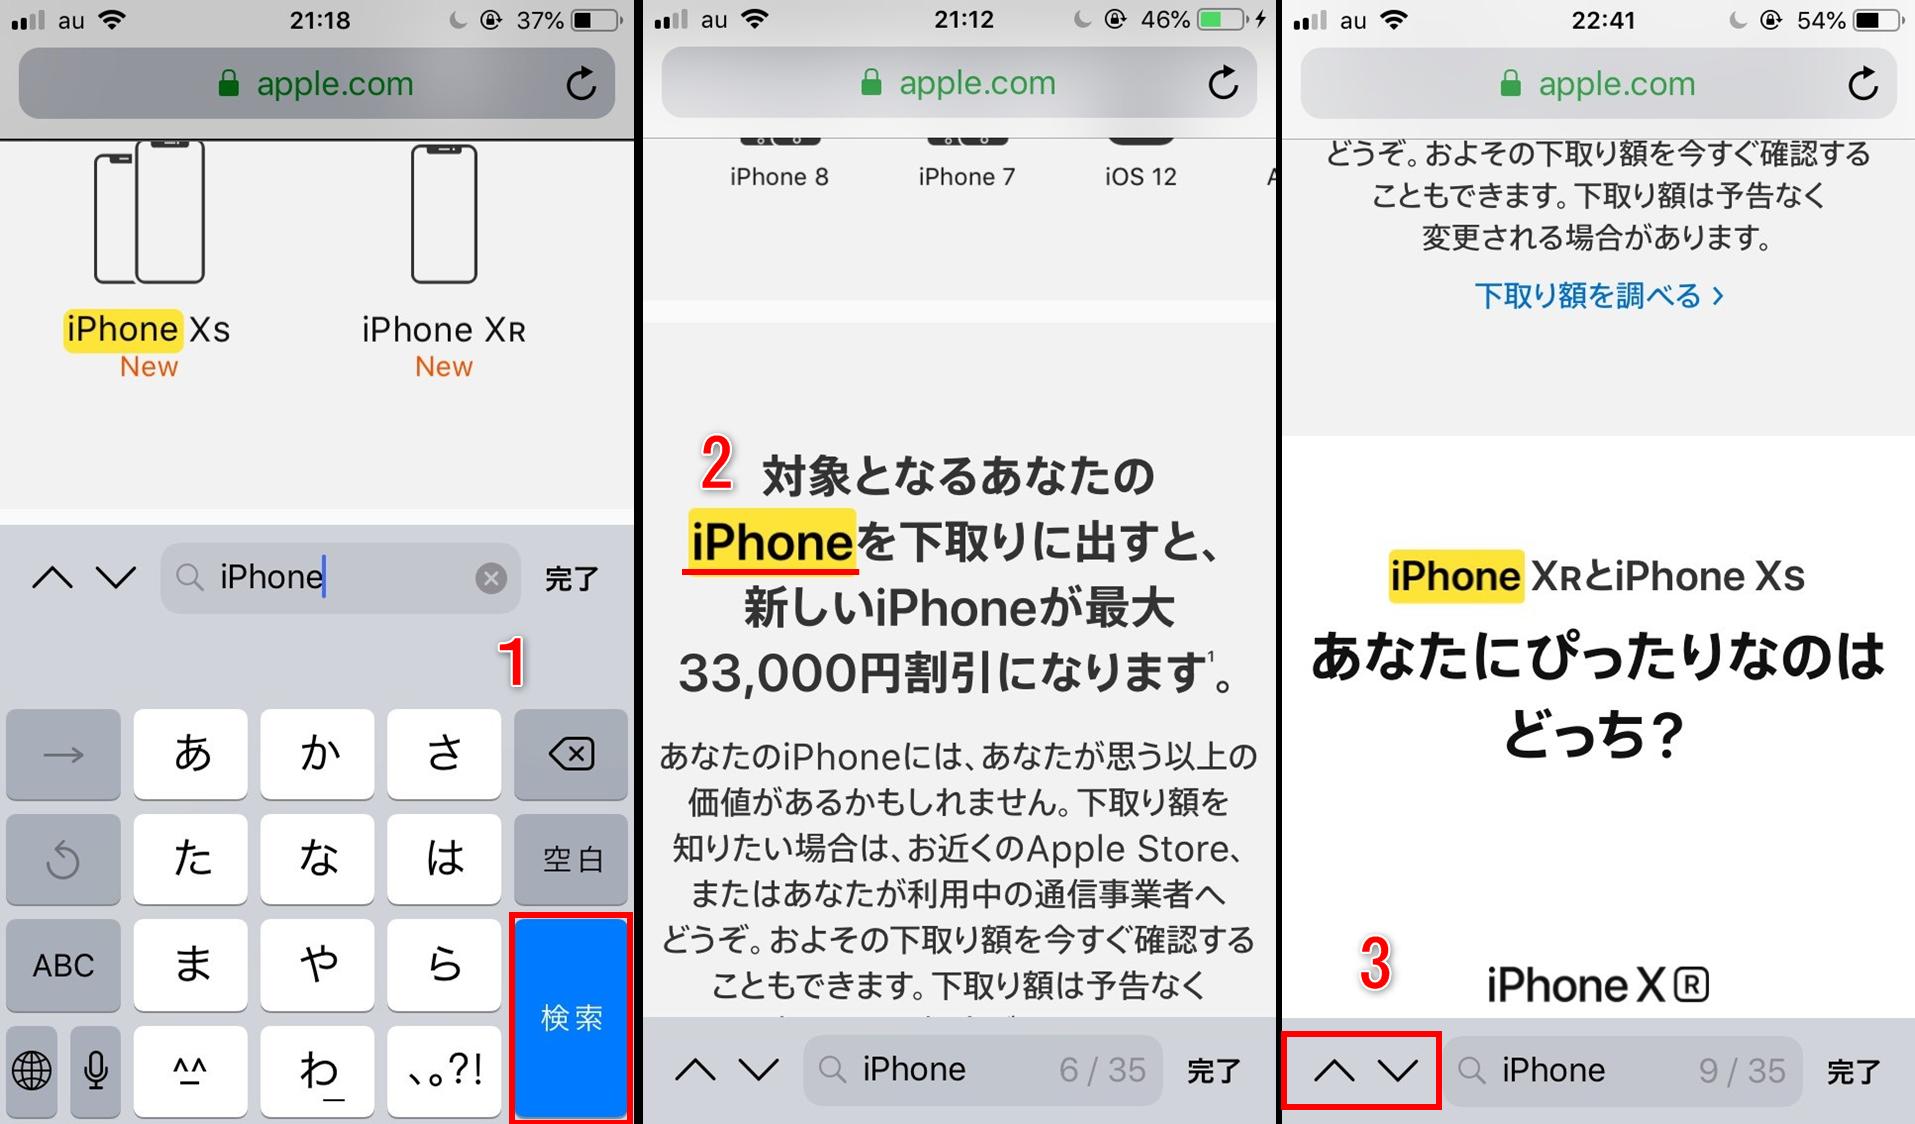 iPhoneのSafariでページ内検索するテクニック②